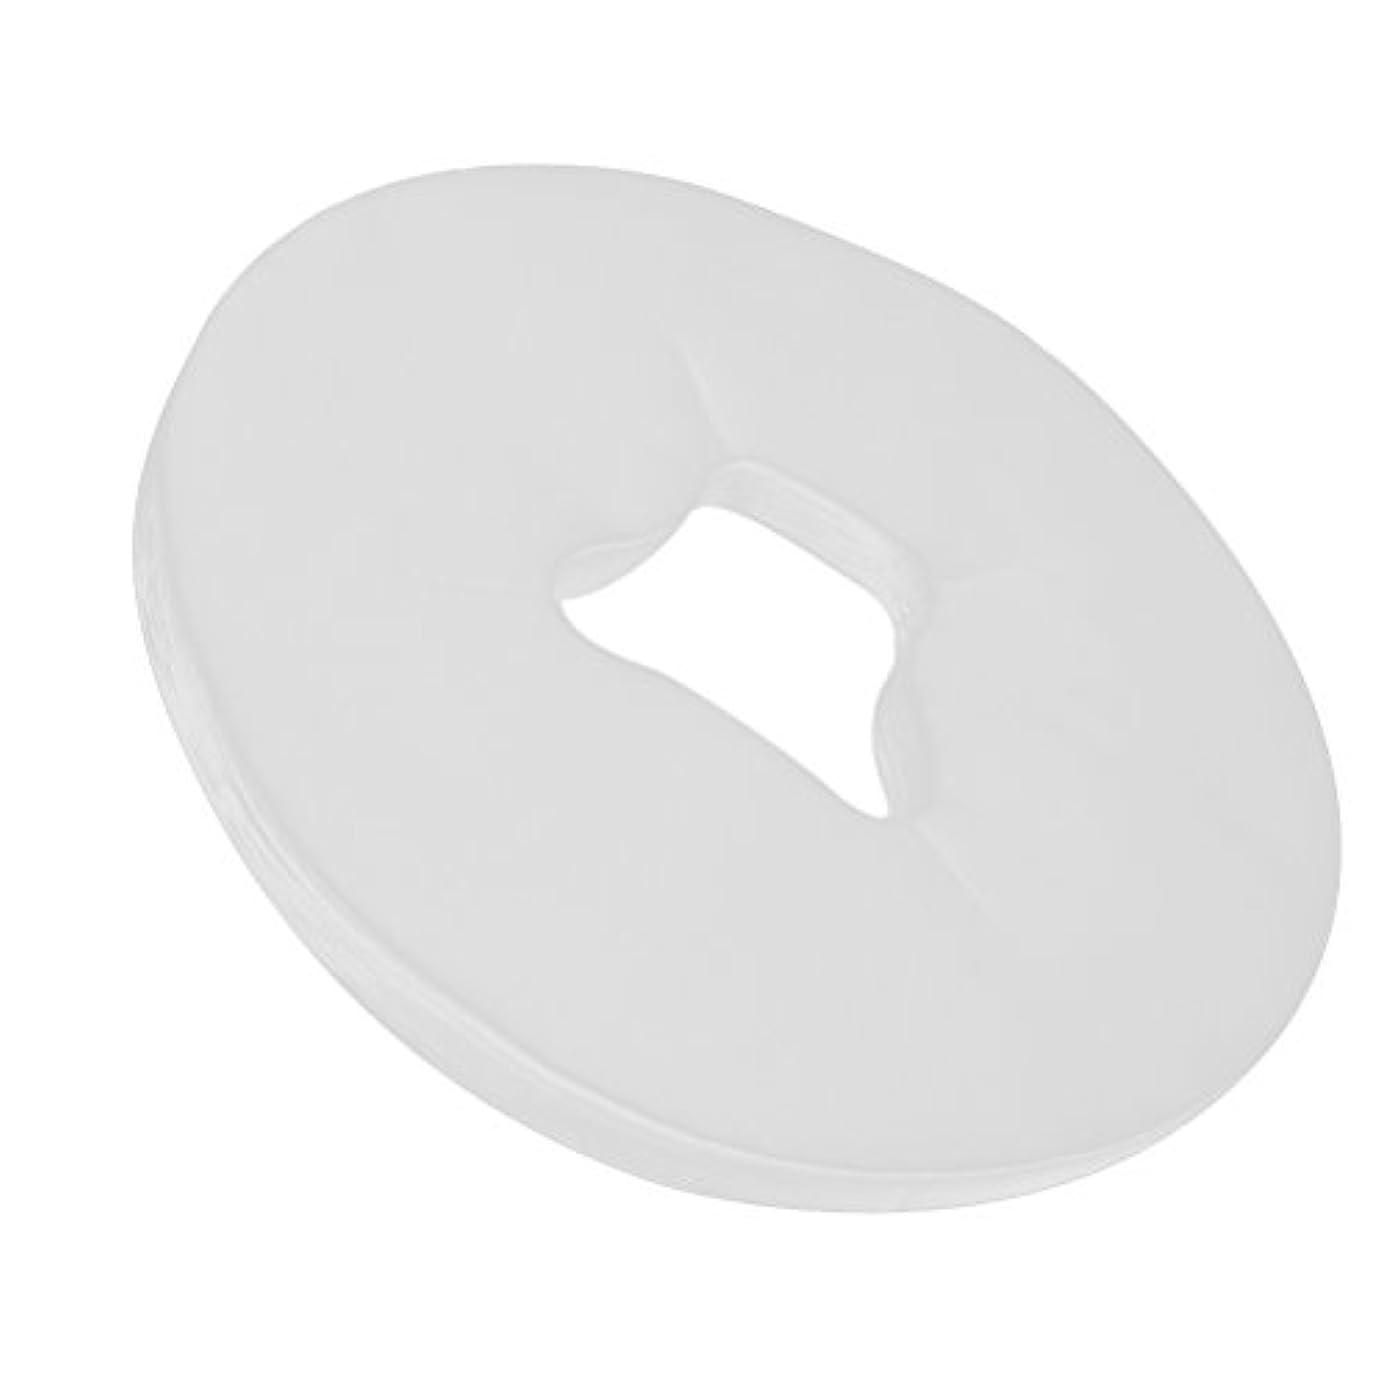 逃げるシャーロットブロンテ不屈Healifty 100Pcs使い捨て可能な表面揺りかごはマッサージのテーブルのためのマッサージの表面残りカバーを覆います